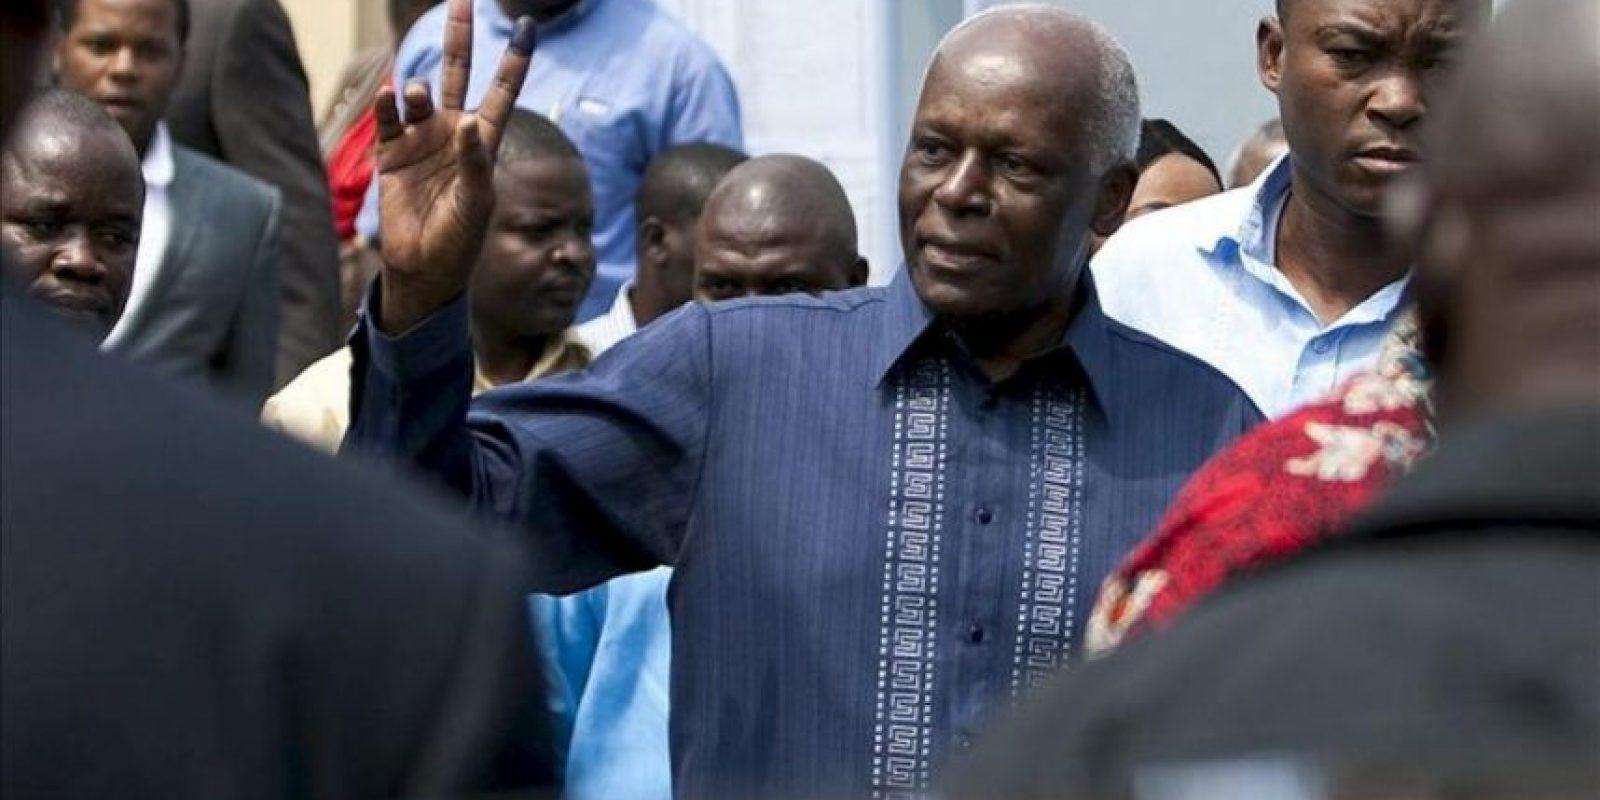 El candidato a la presidencia de Angola y líder del gobernante Movimiento Popular para la Liberación de Angola (MPLA), José Eduardo dos Santos, tras ejercer su derecho a voto en un colegio electoral en Luanda (Angola) hoy. EFE